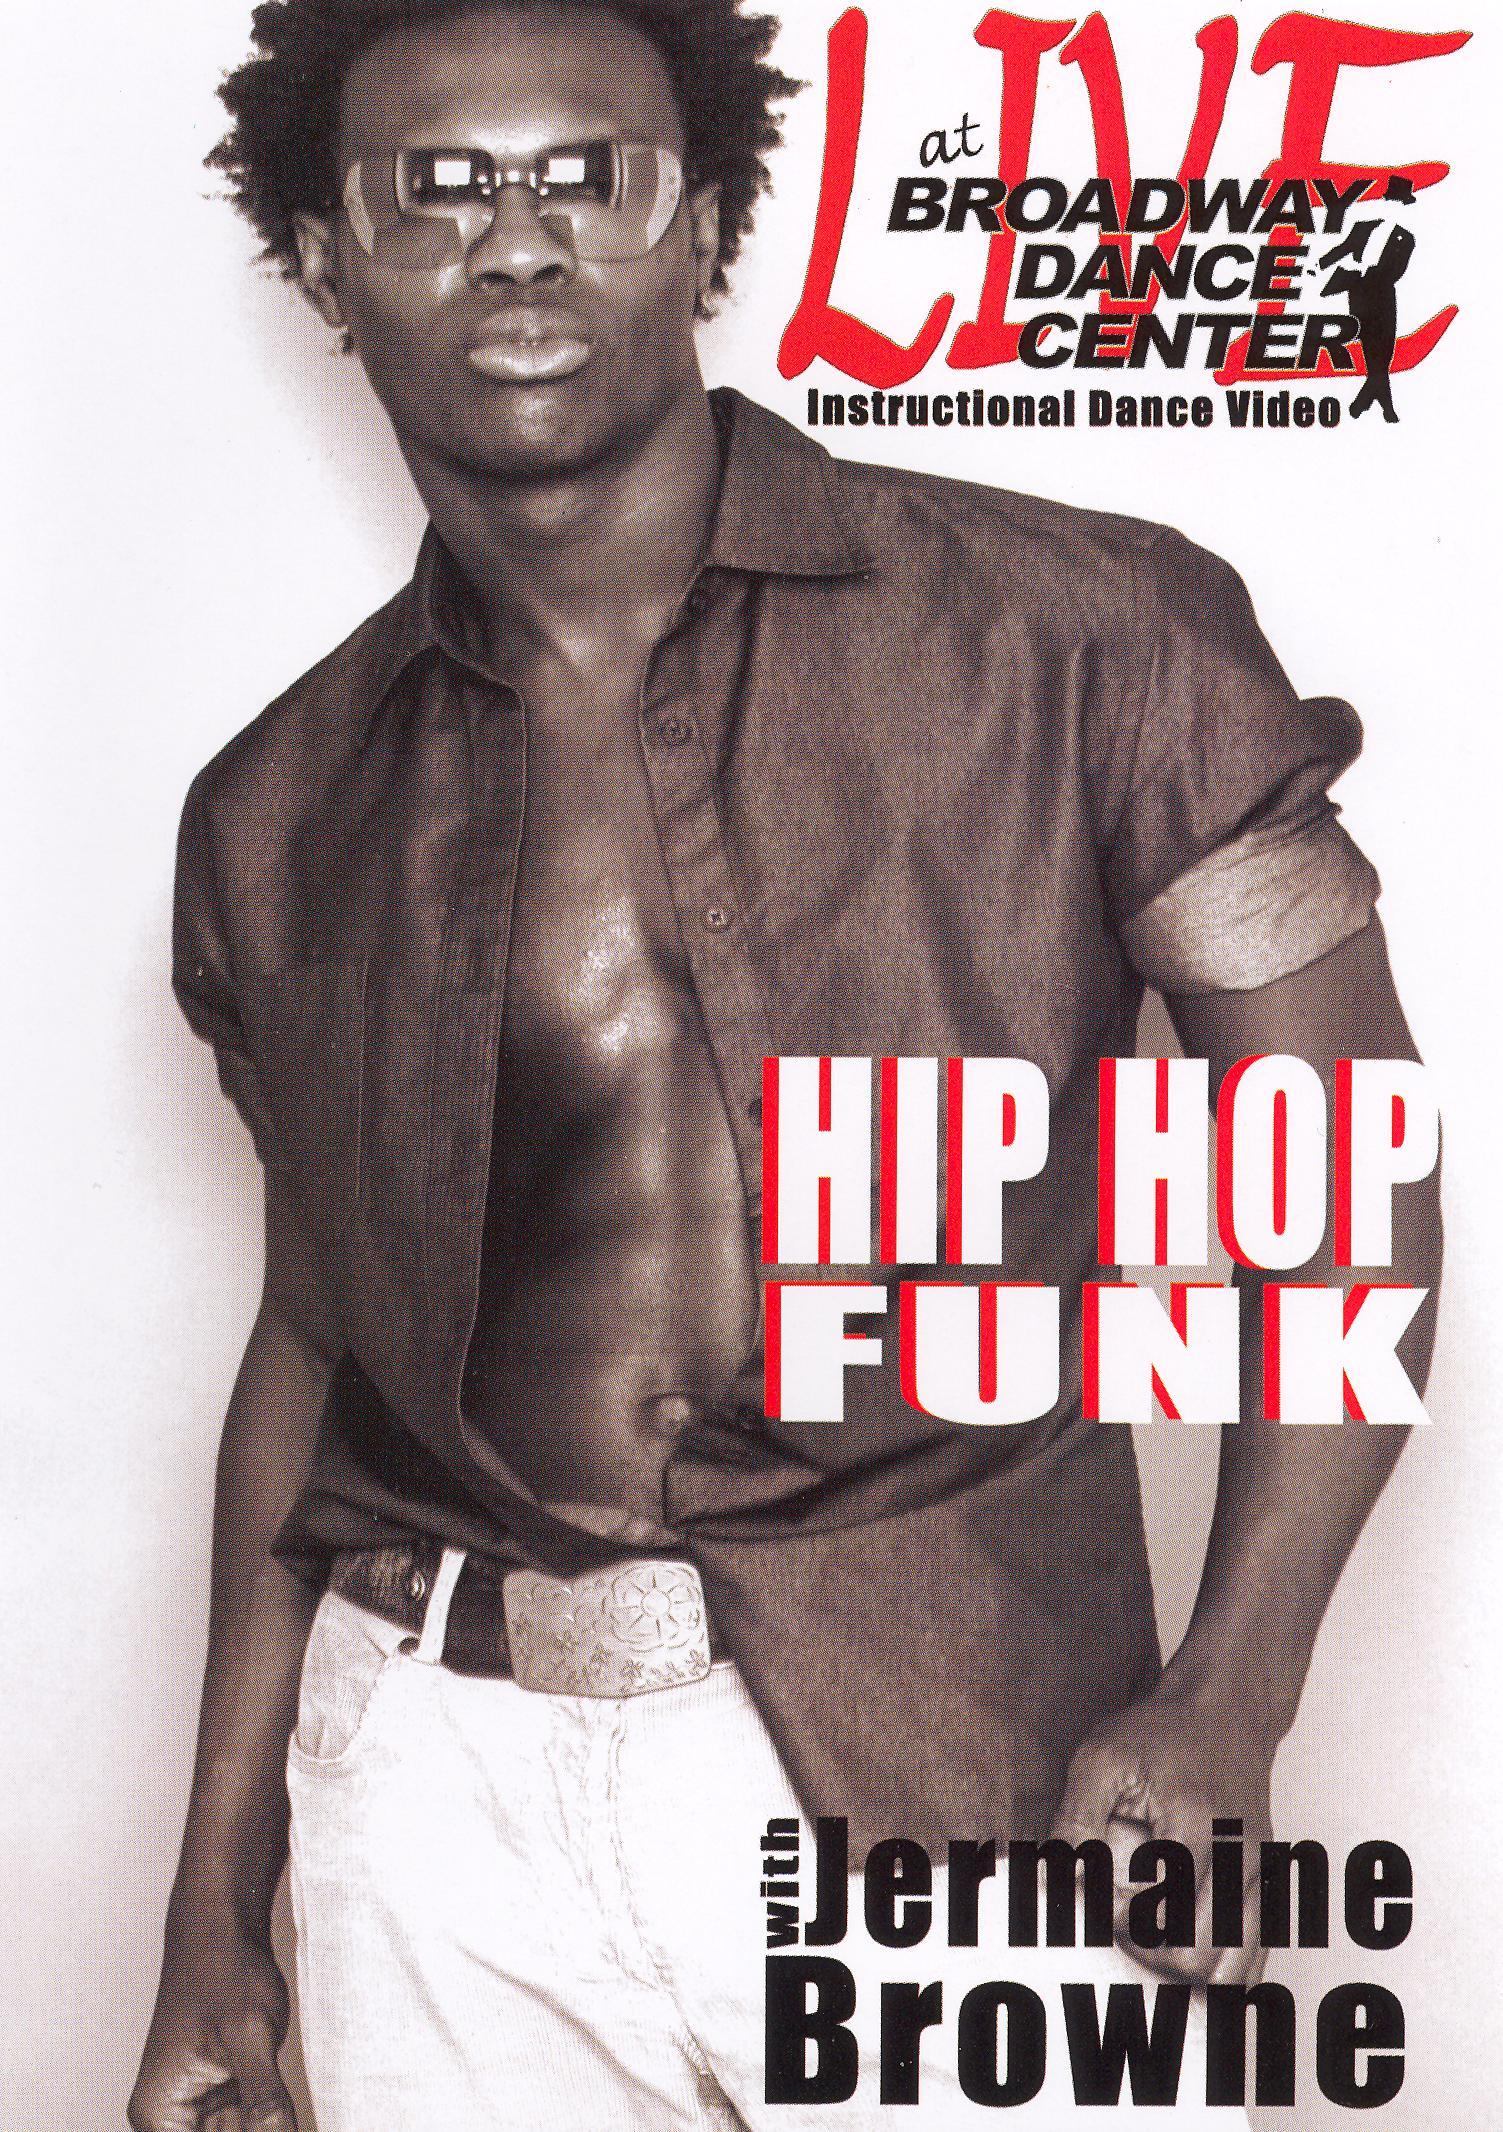 Broadway Dance Center: Hip Hop Funk